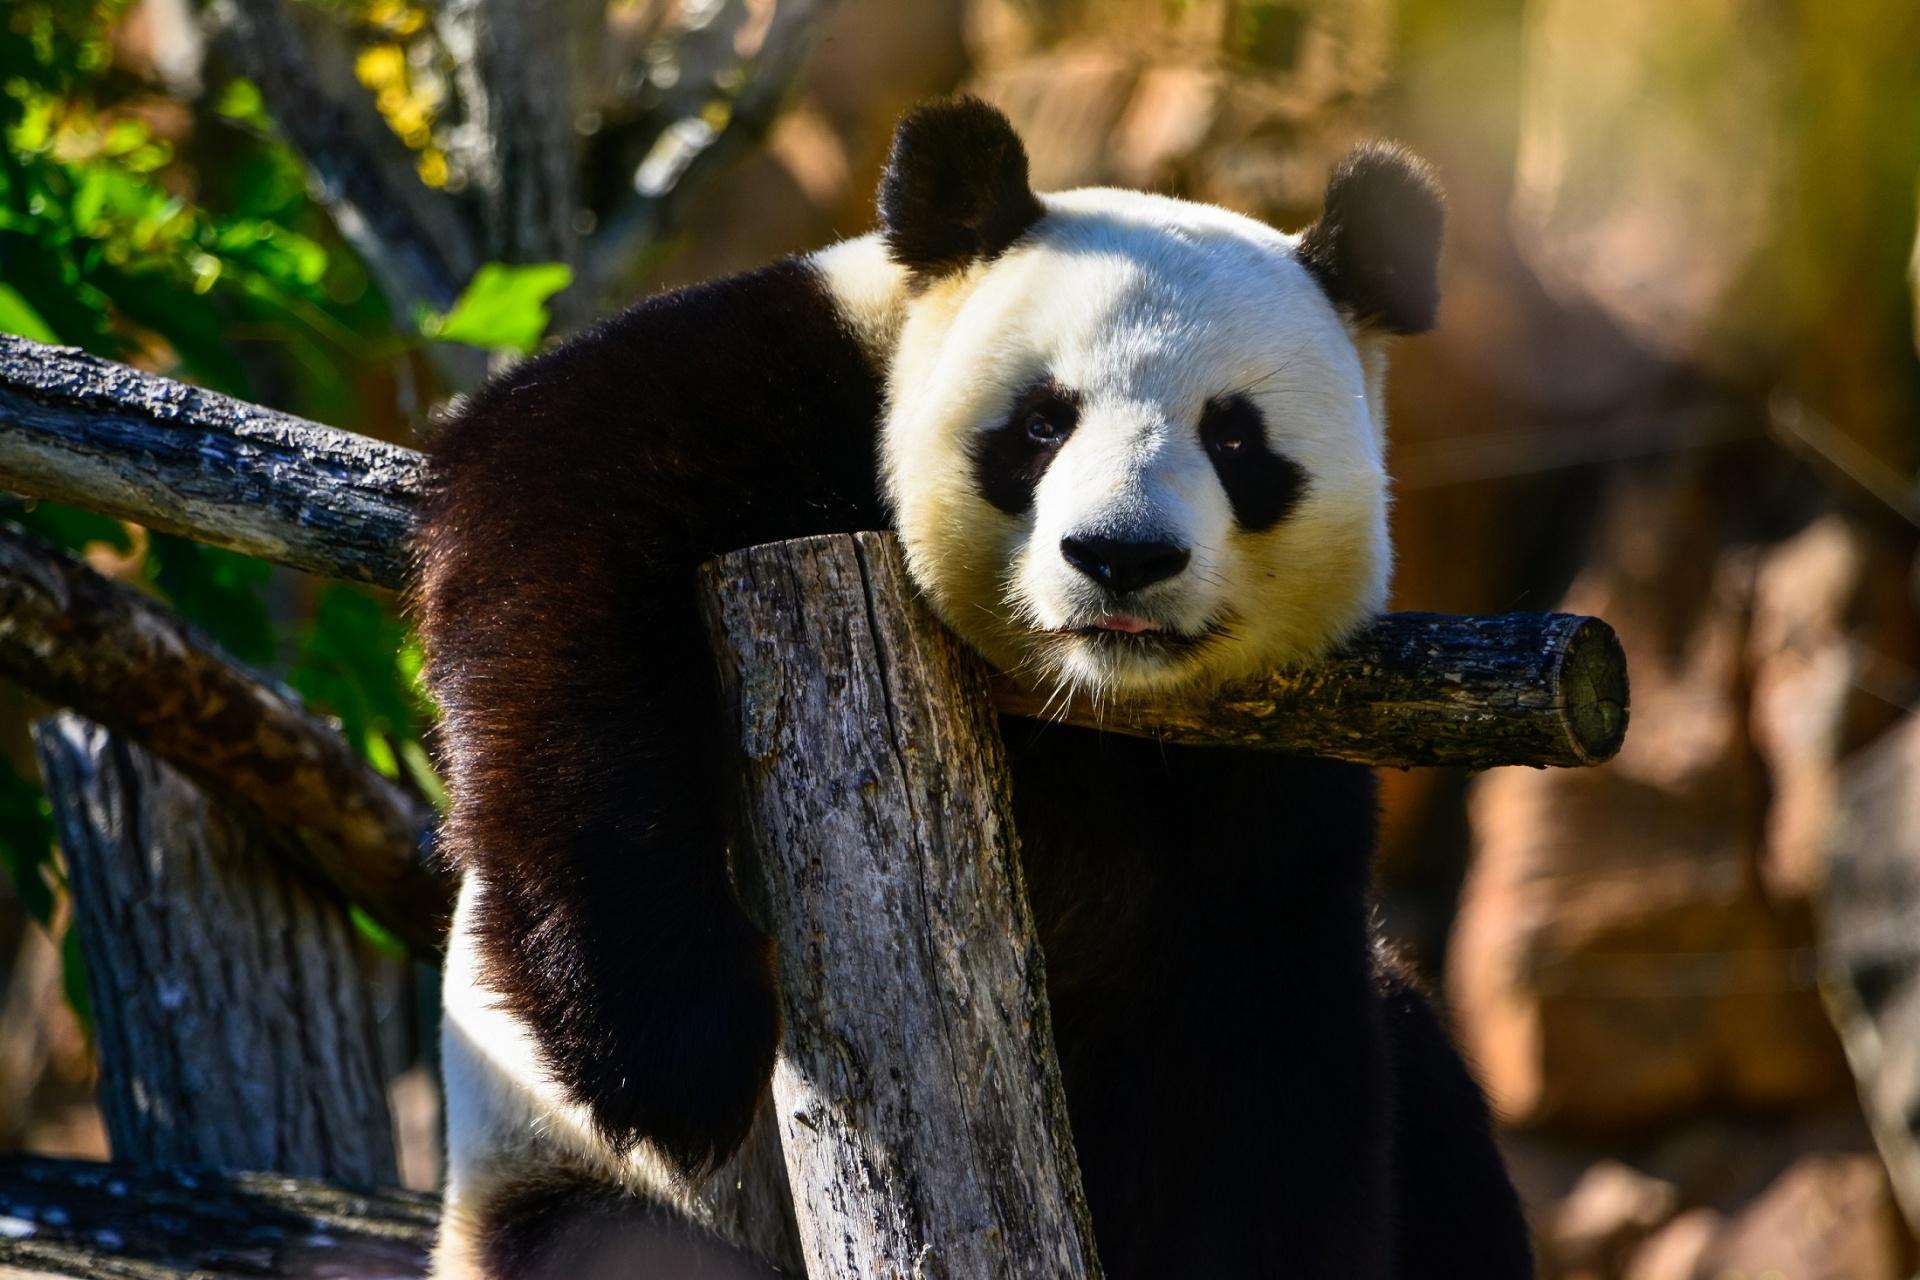 panda-bear-1493822564eue.jpg